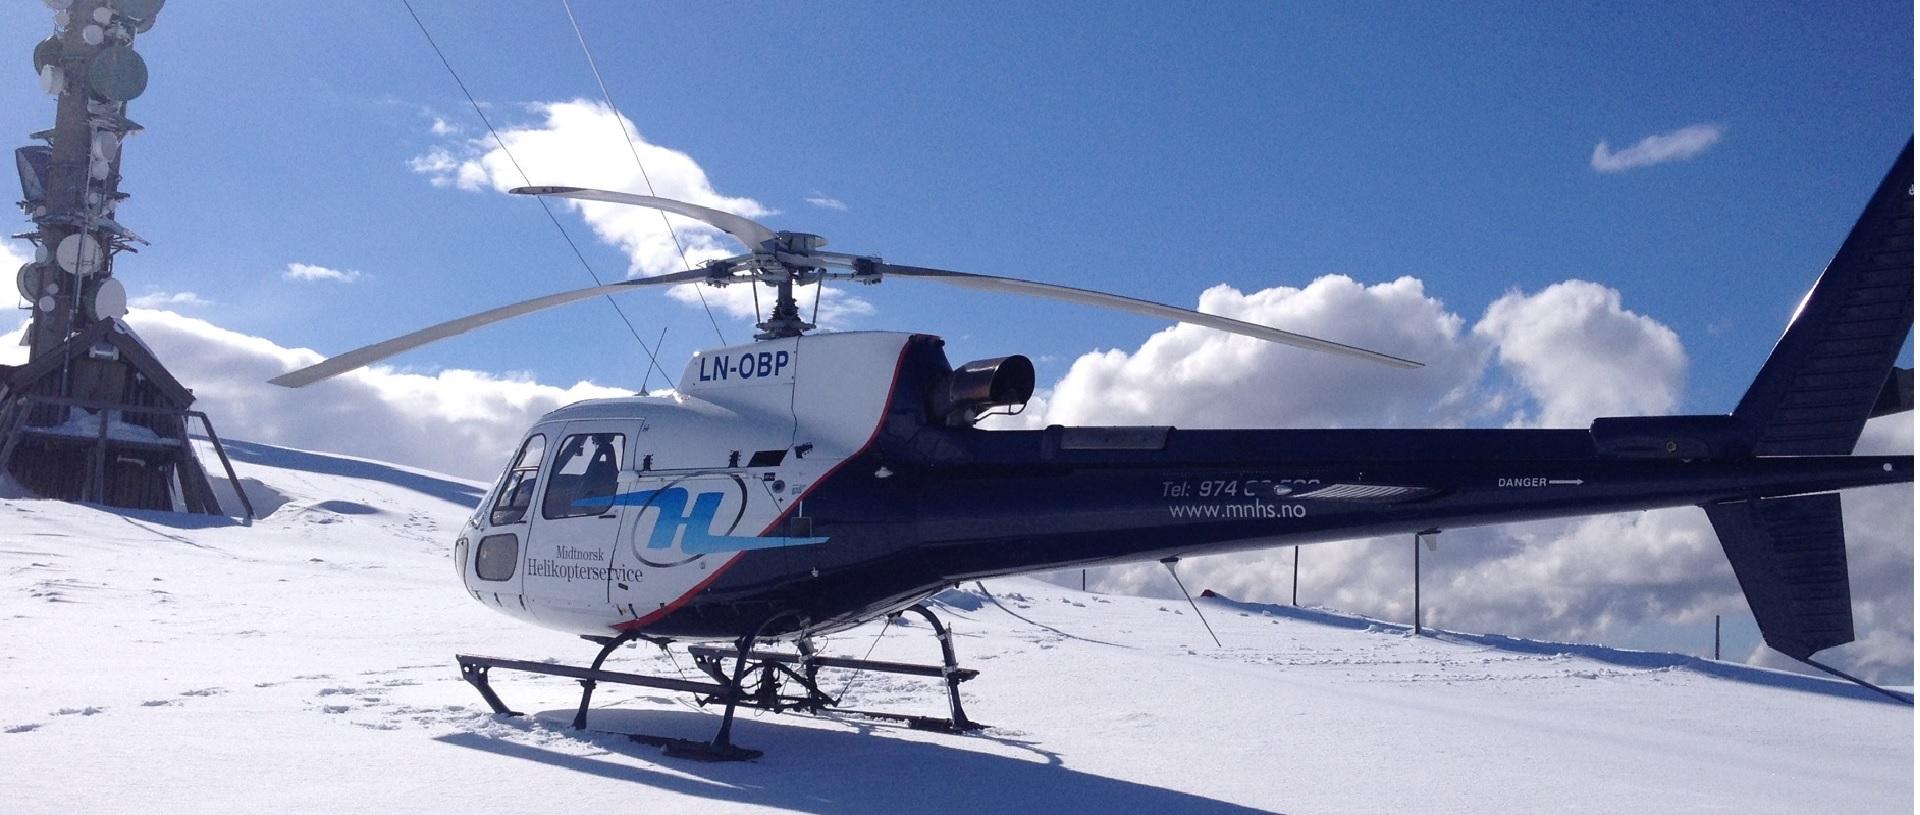 Helikopter tjenester til riktig pris